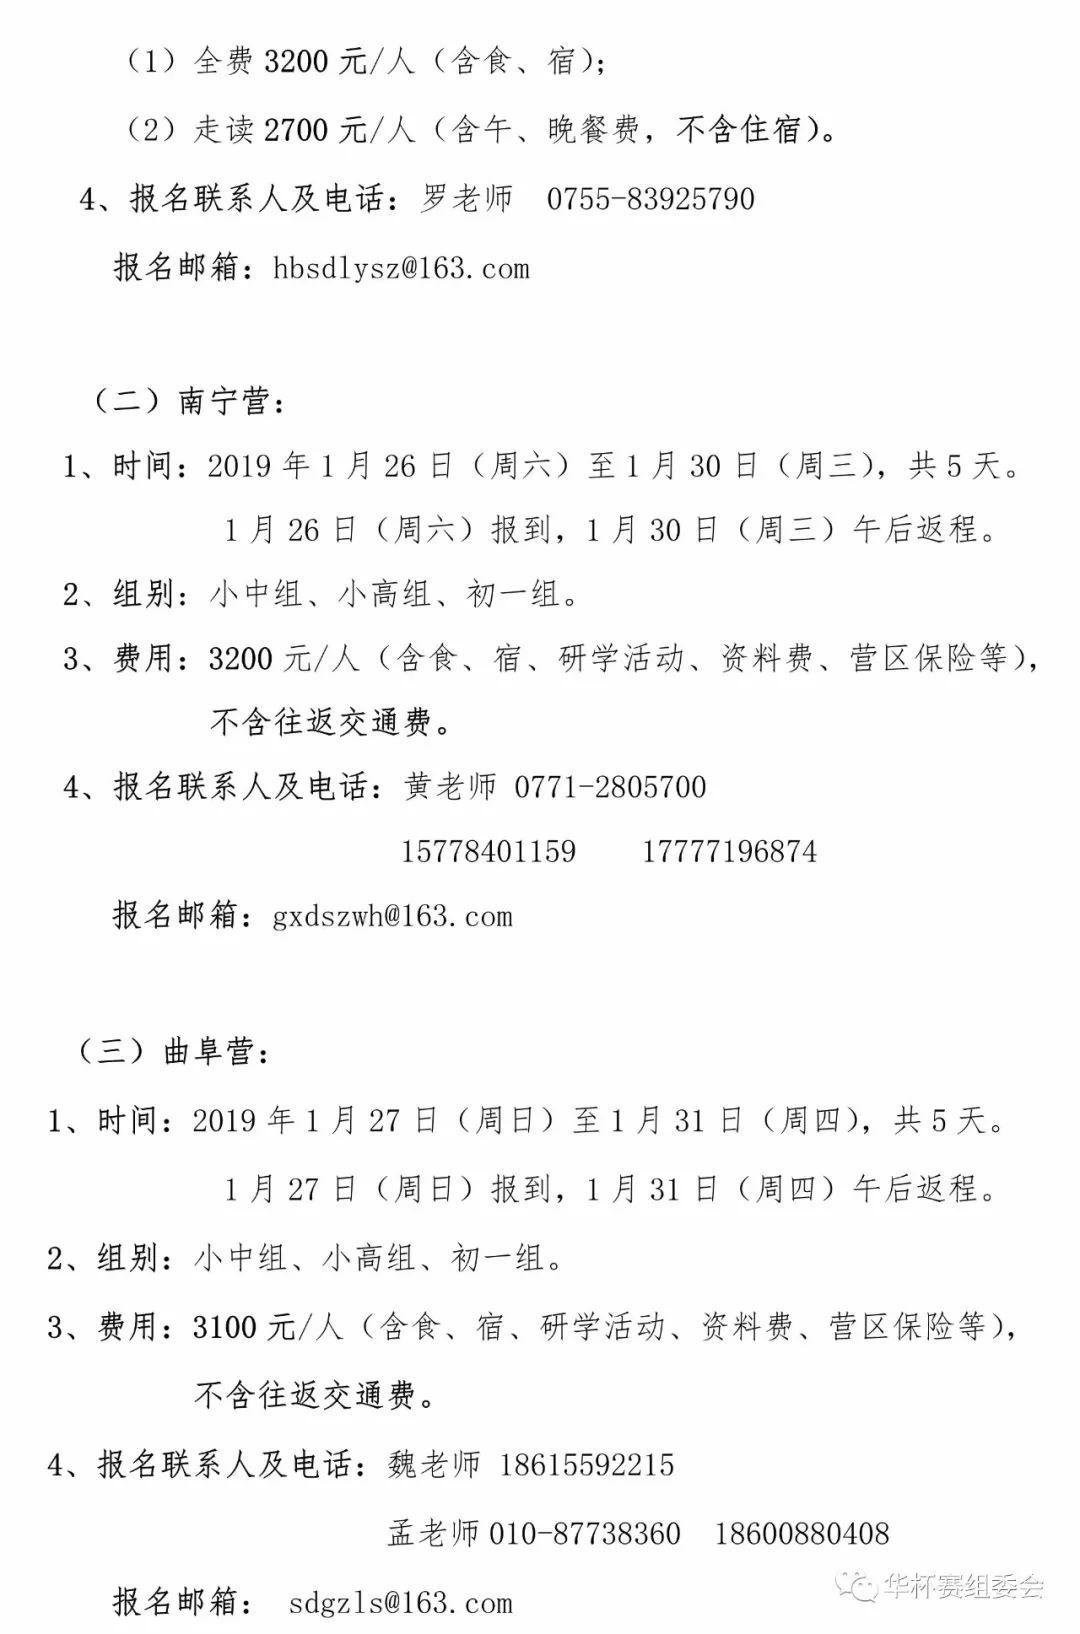 最近杭州家长圈议论纷纷:9月份刚被明令禁止的华杯赛疑似换个形式回来了?研学了解一下,费用还不低